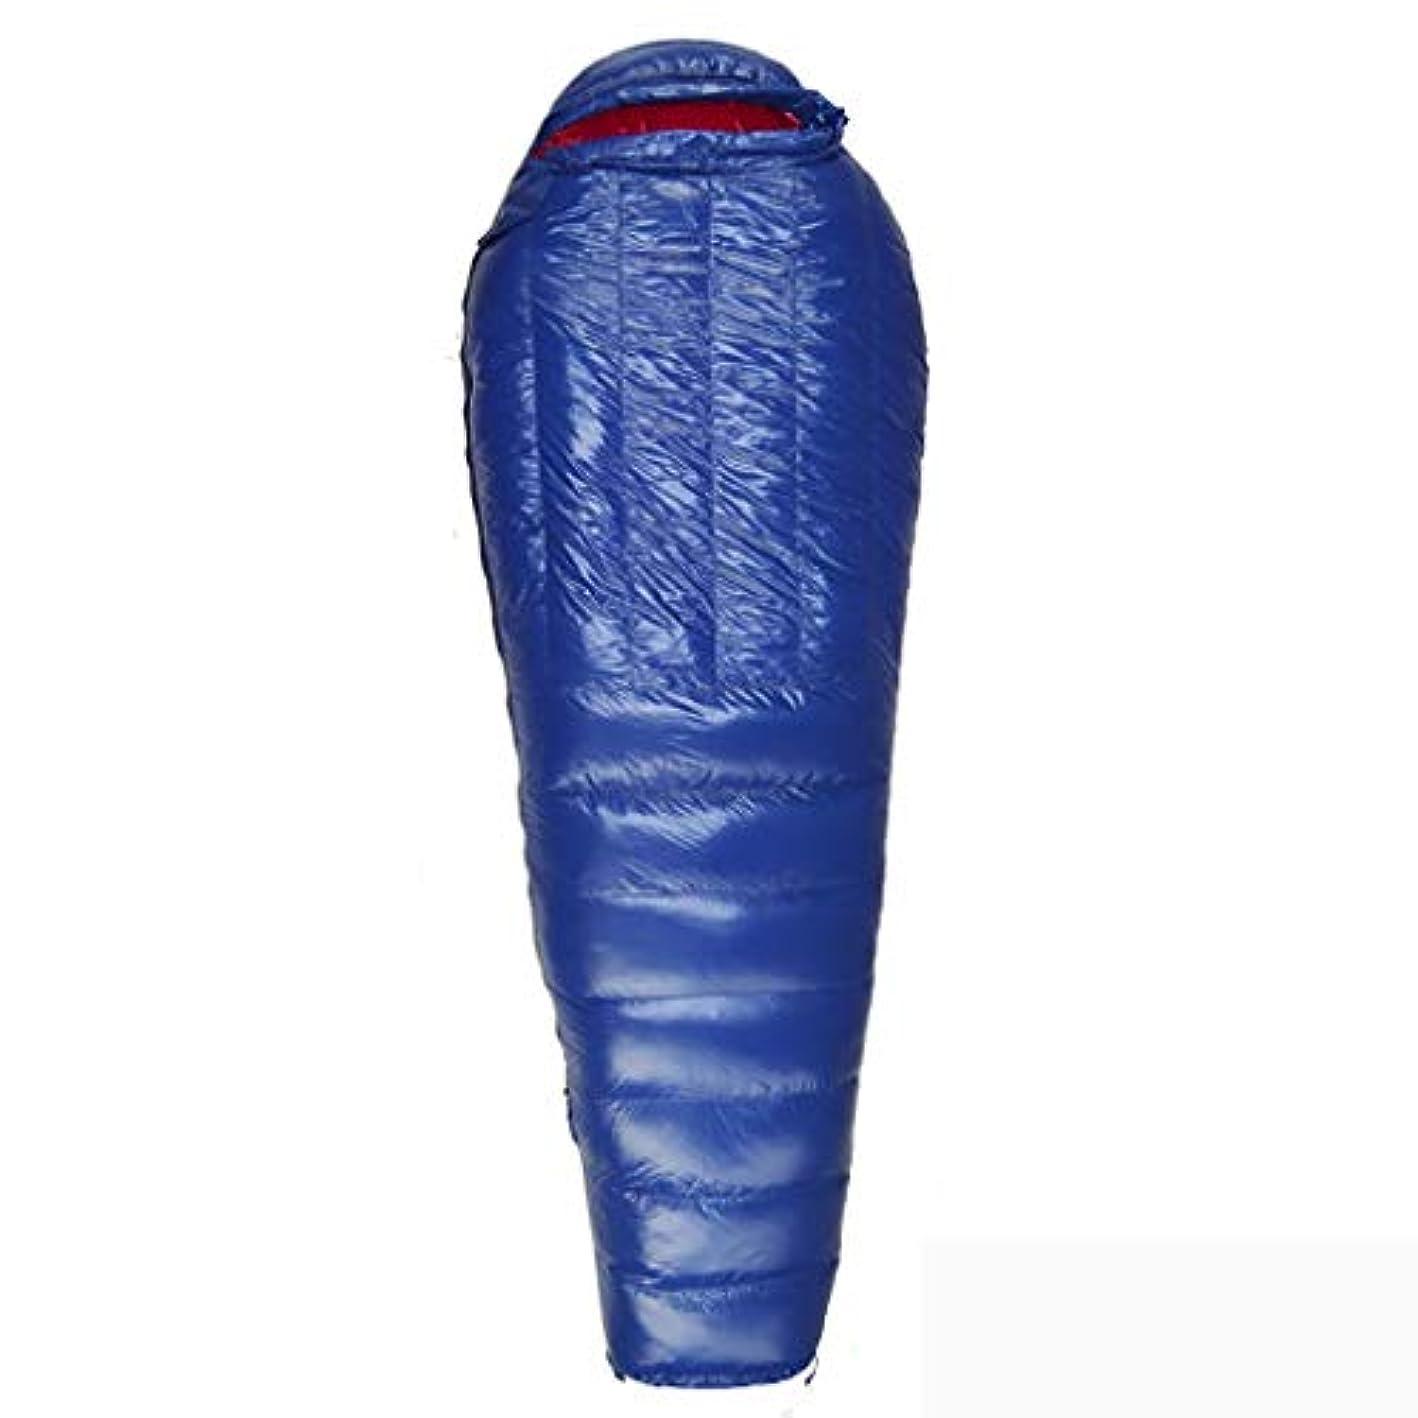 修羅場暖かさ石のYLIAN 寝袋 800グラムは、バックパッキングアウトドア用大人寒冷防水暖かいキャンプバッグダウンスリーピングキルトのための軽量スリーピングバッグを埋めます